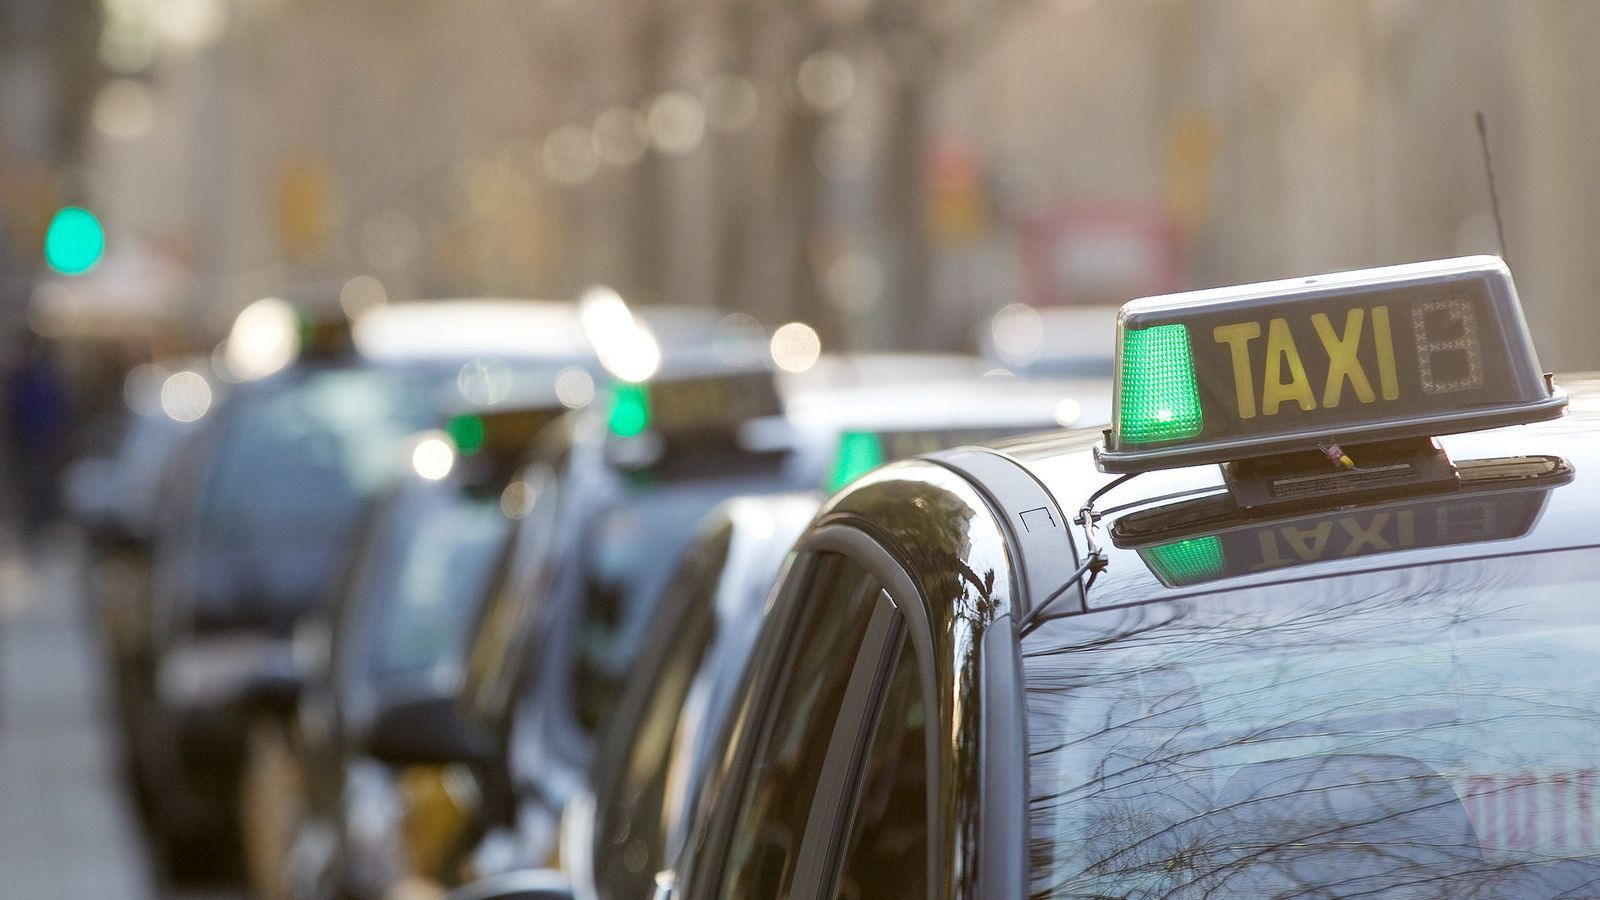 Les persones amb discapacitat exigeixen que almenys un 5% dels taxis siguin adaptats